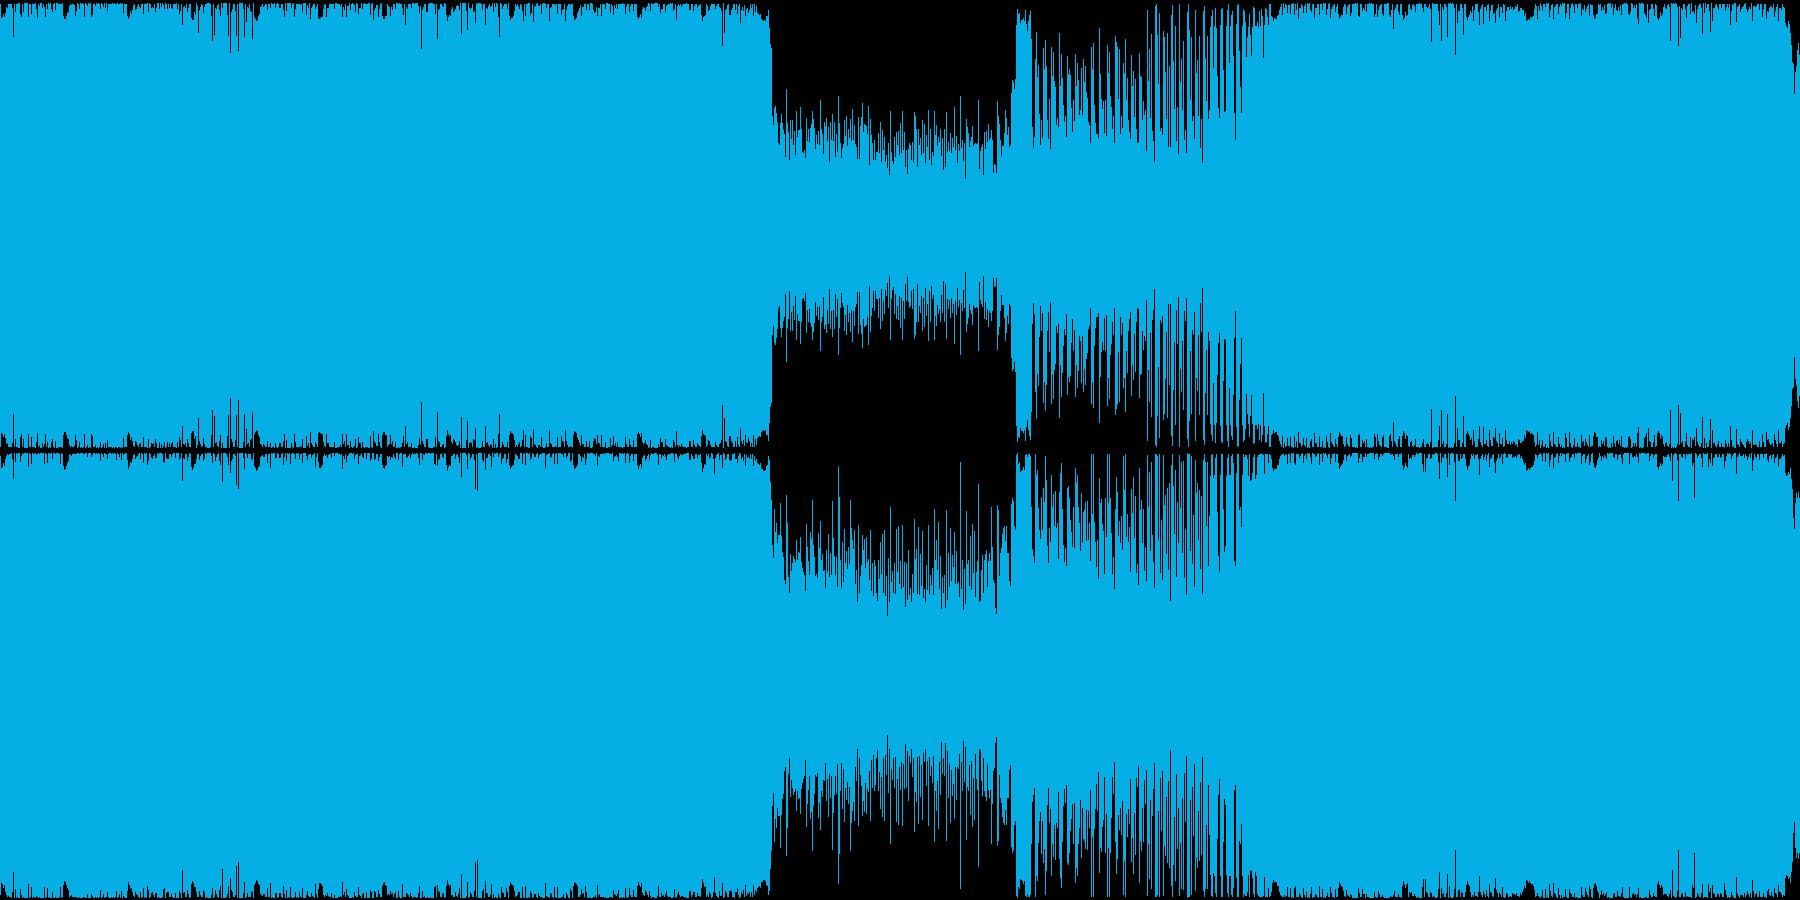 ゲーム用BGM 鉱物的な曲の再生済みの波形